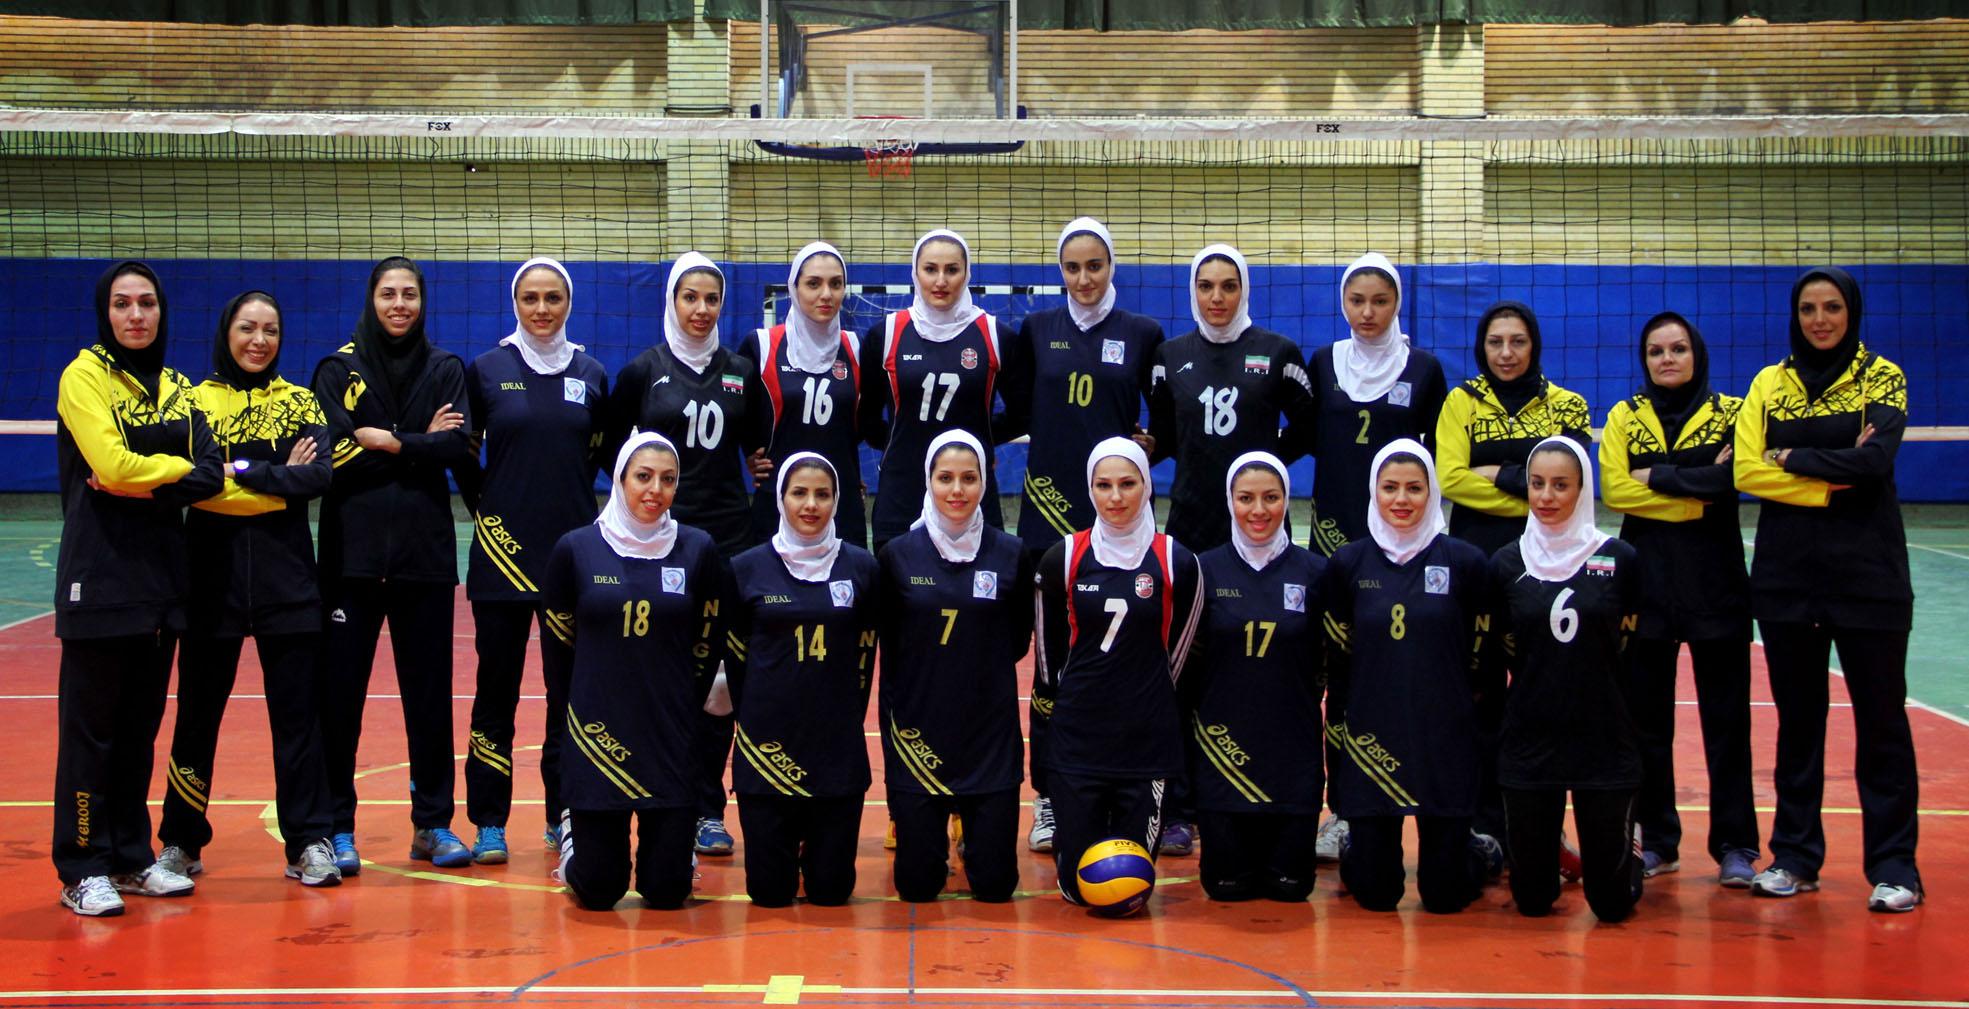 شکست تیم قوی والیبال بانوان ایران مقابل نماینده ژاپن